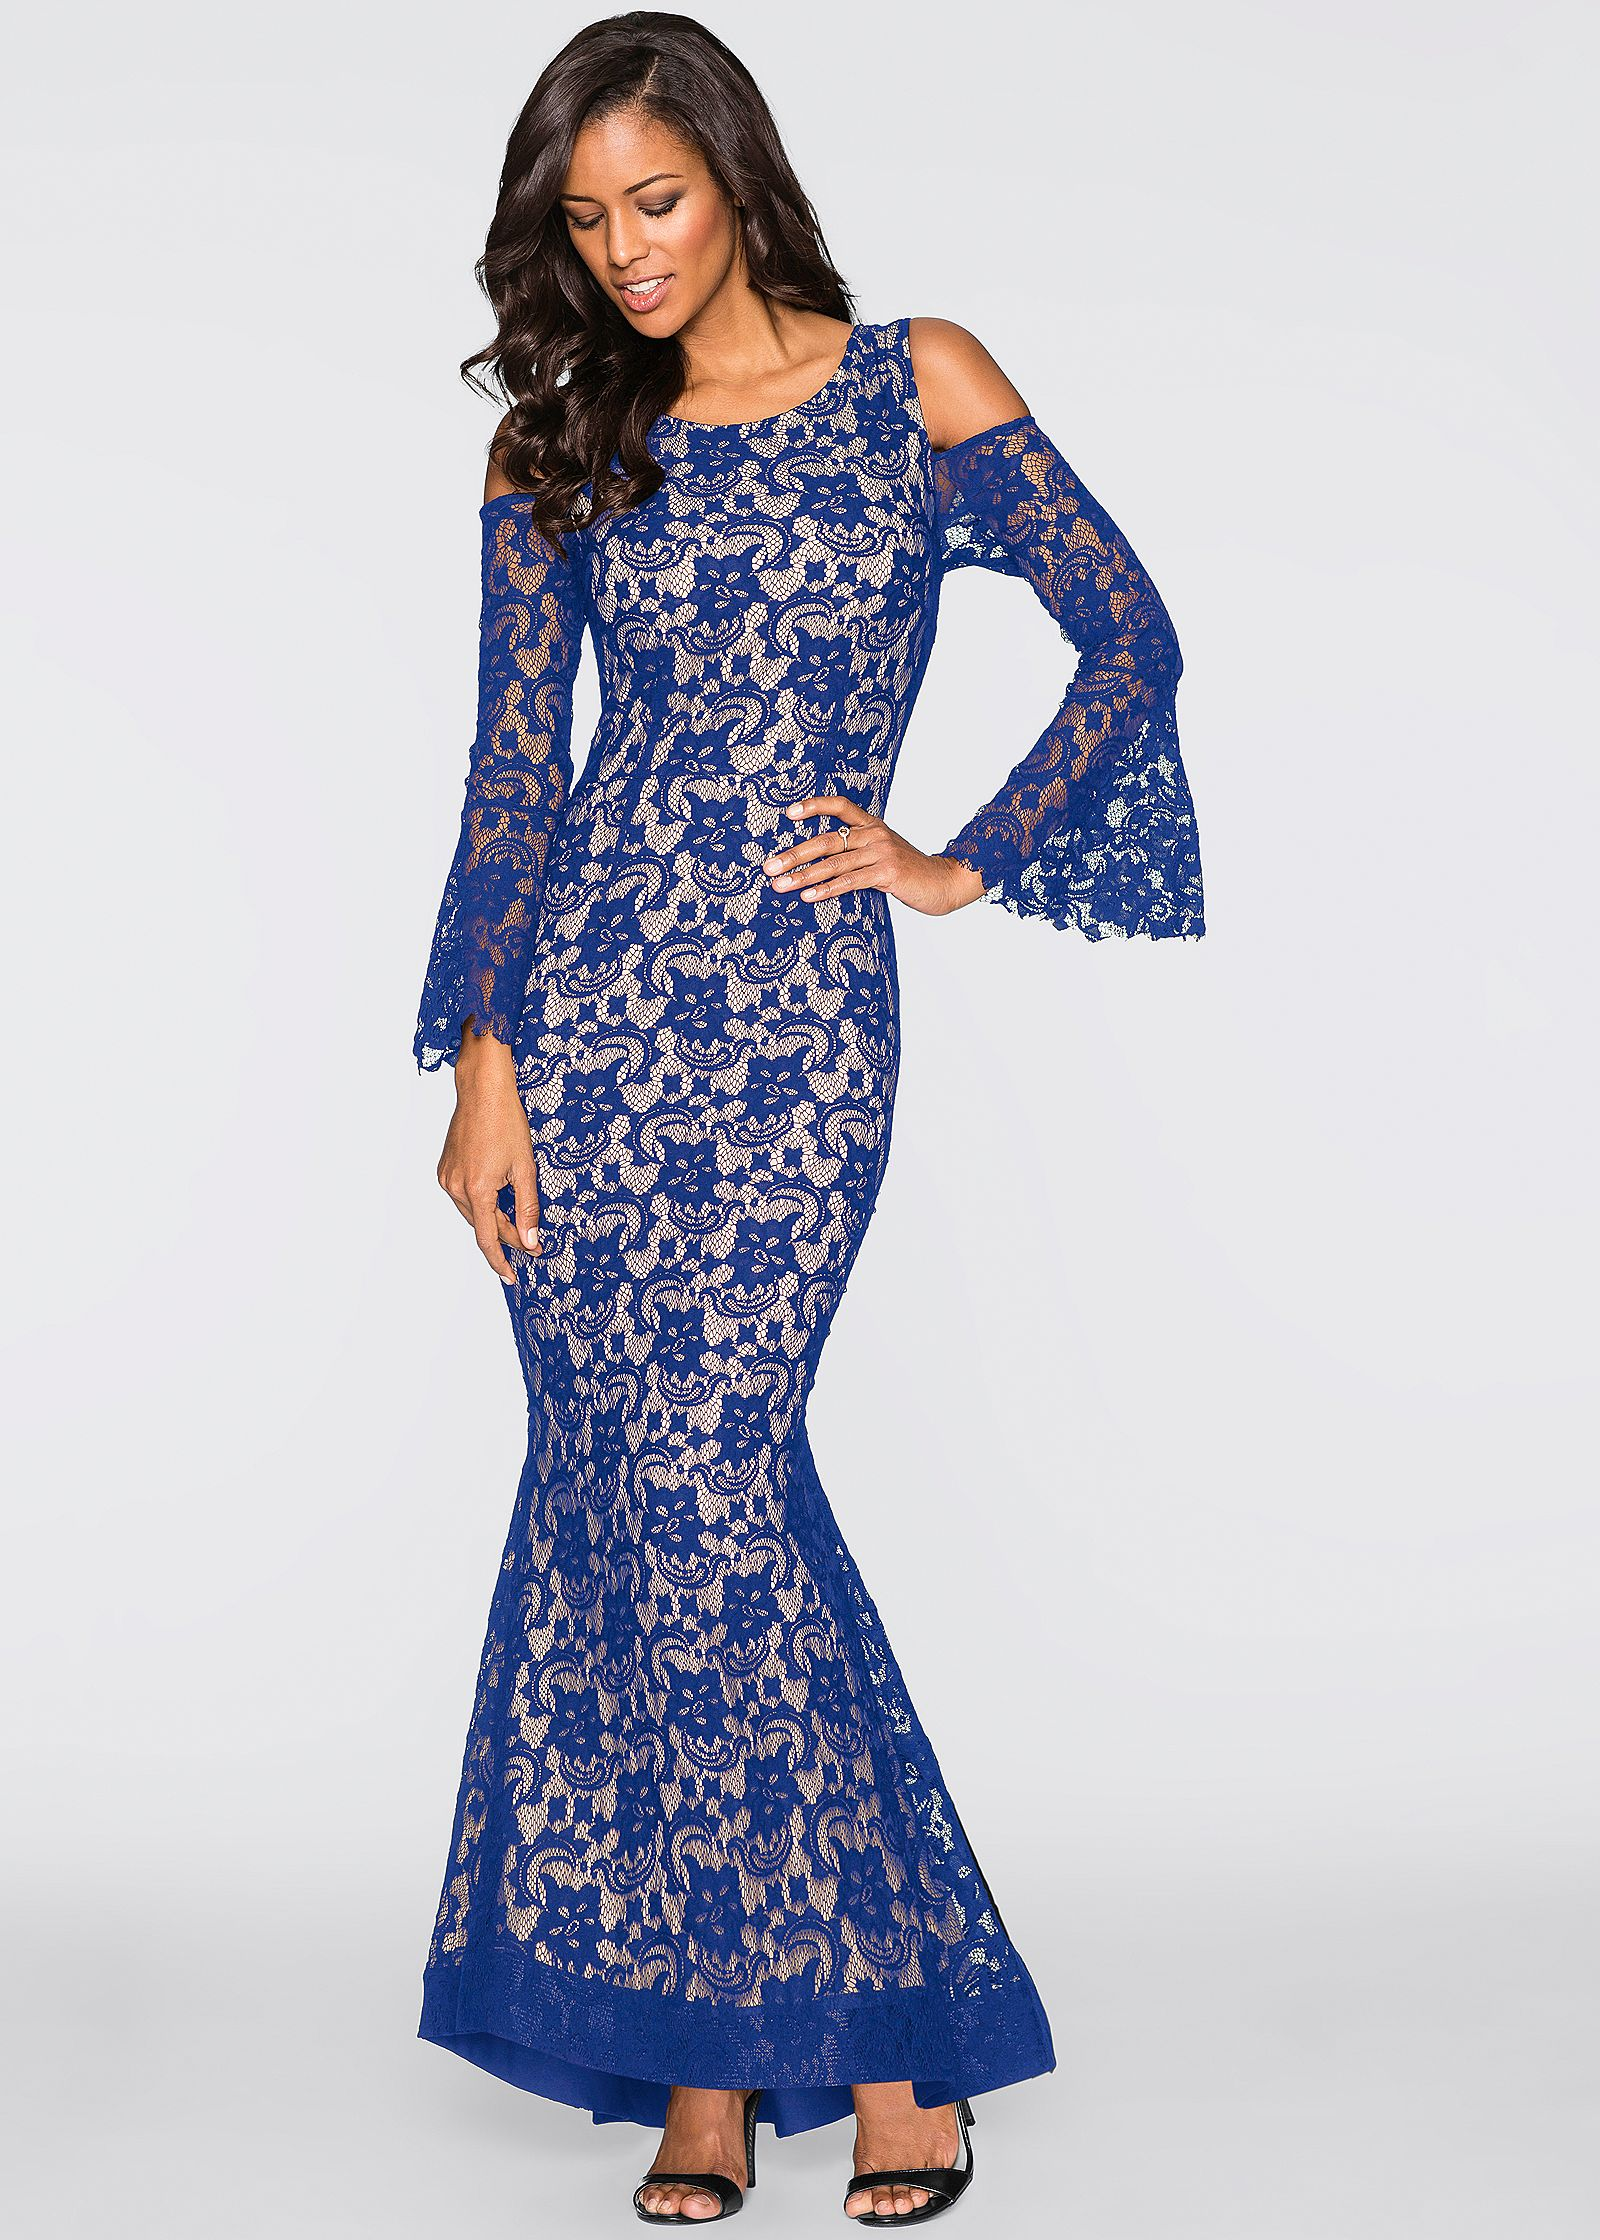 Blue Formal Dresses for Women